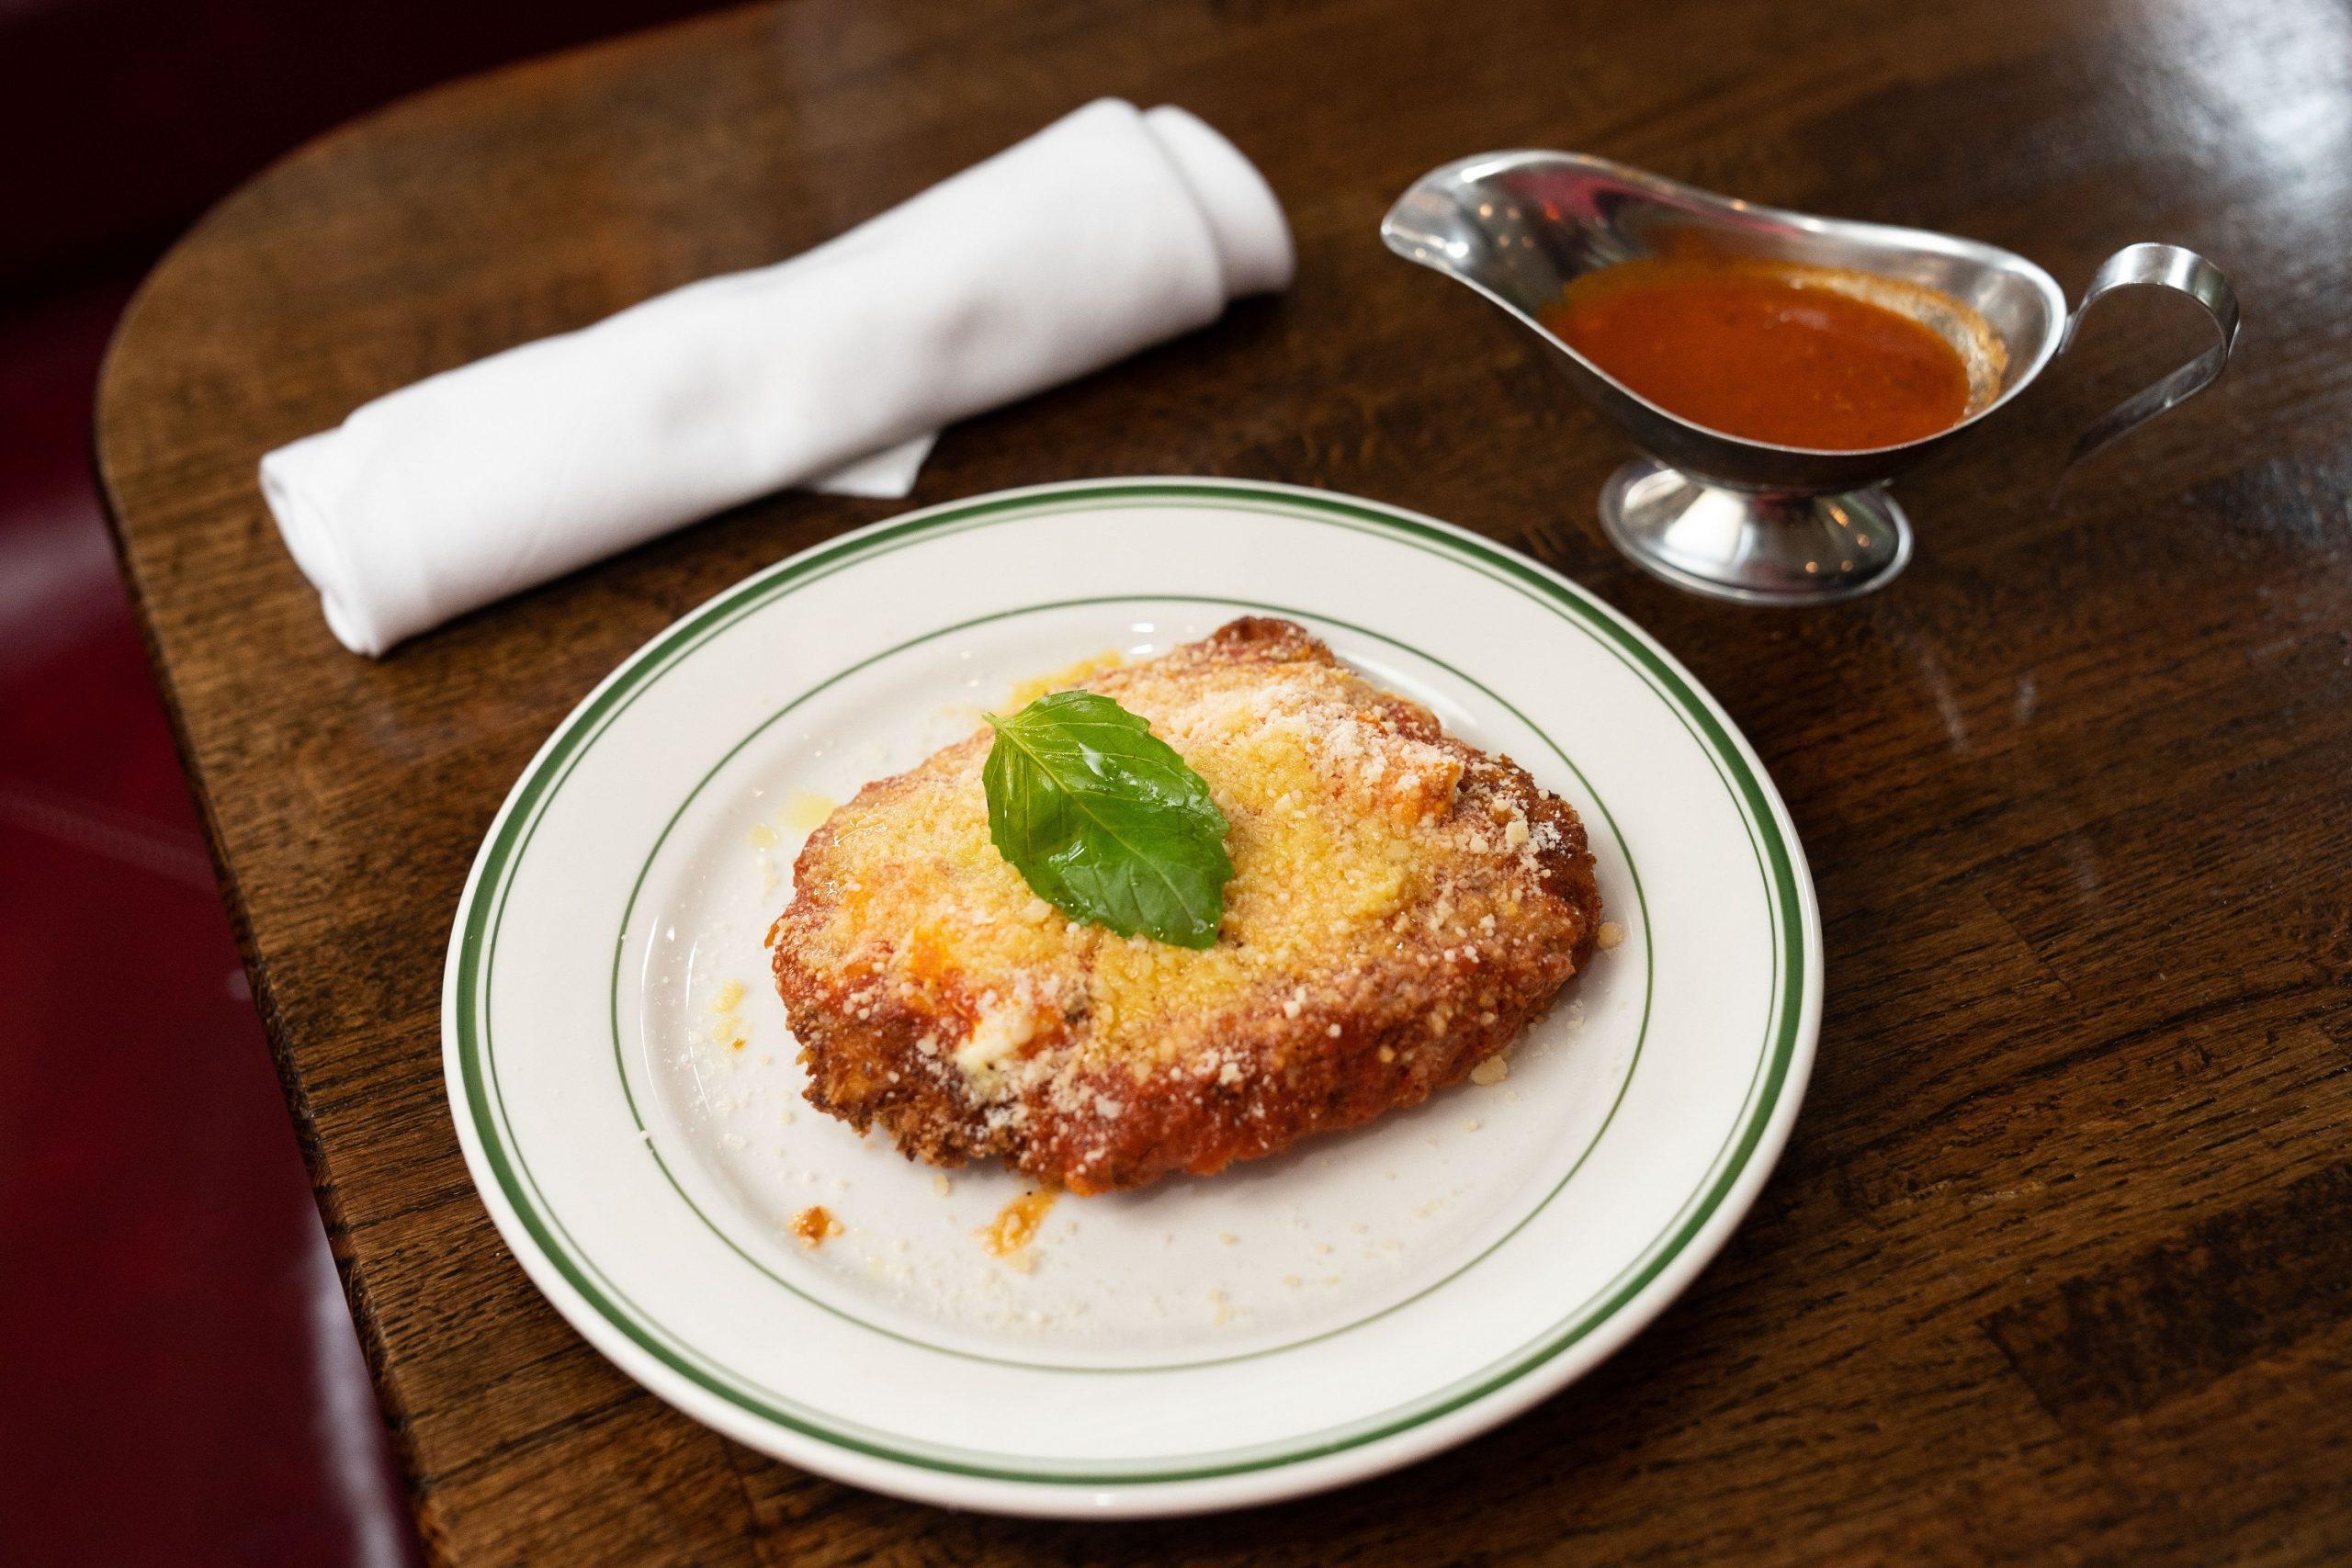 Chicken Parmesan at Fegen's